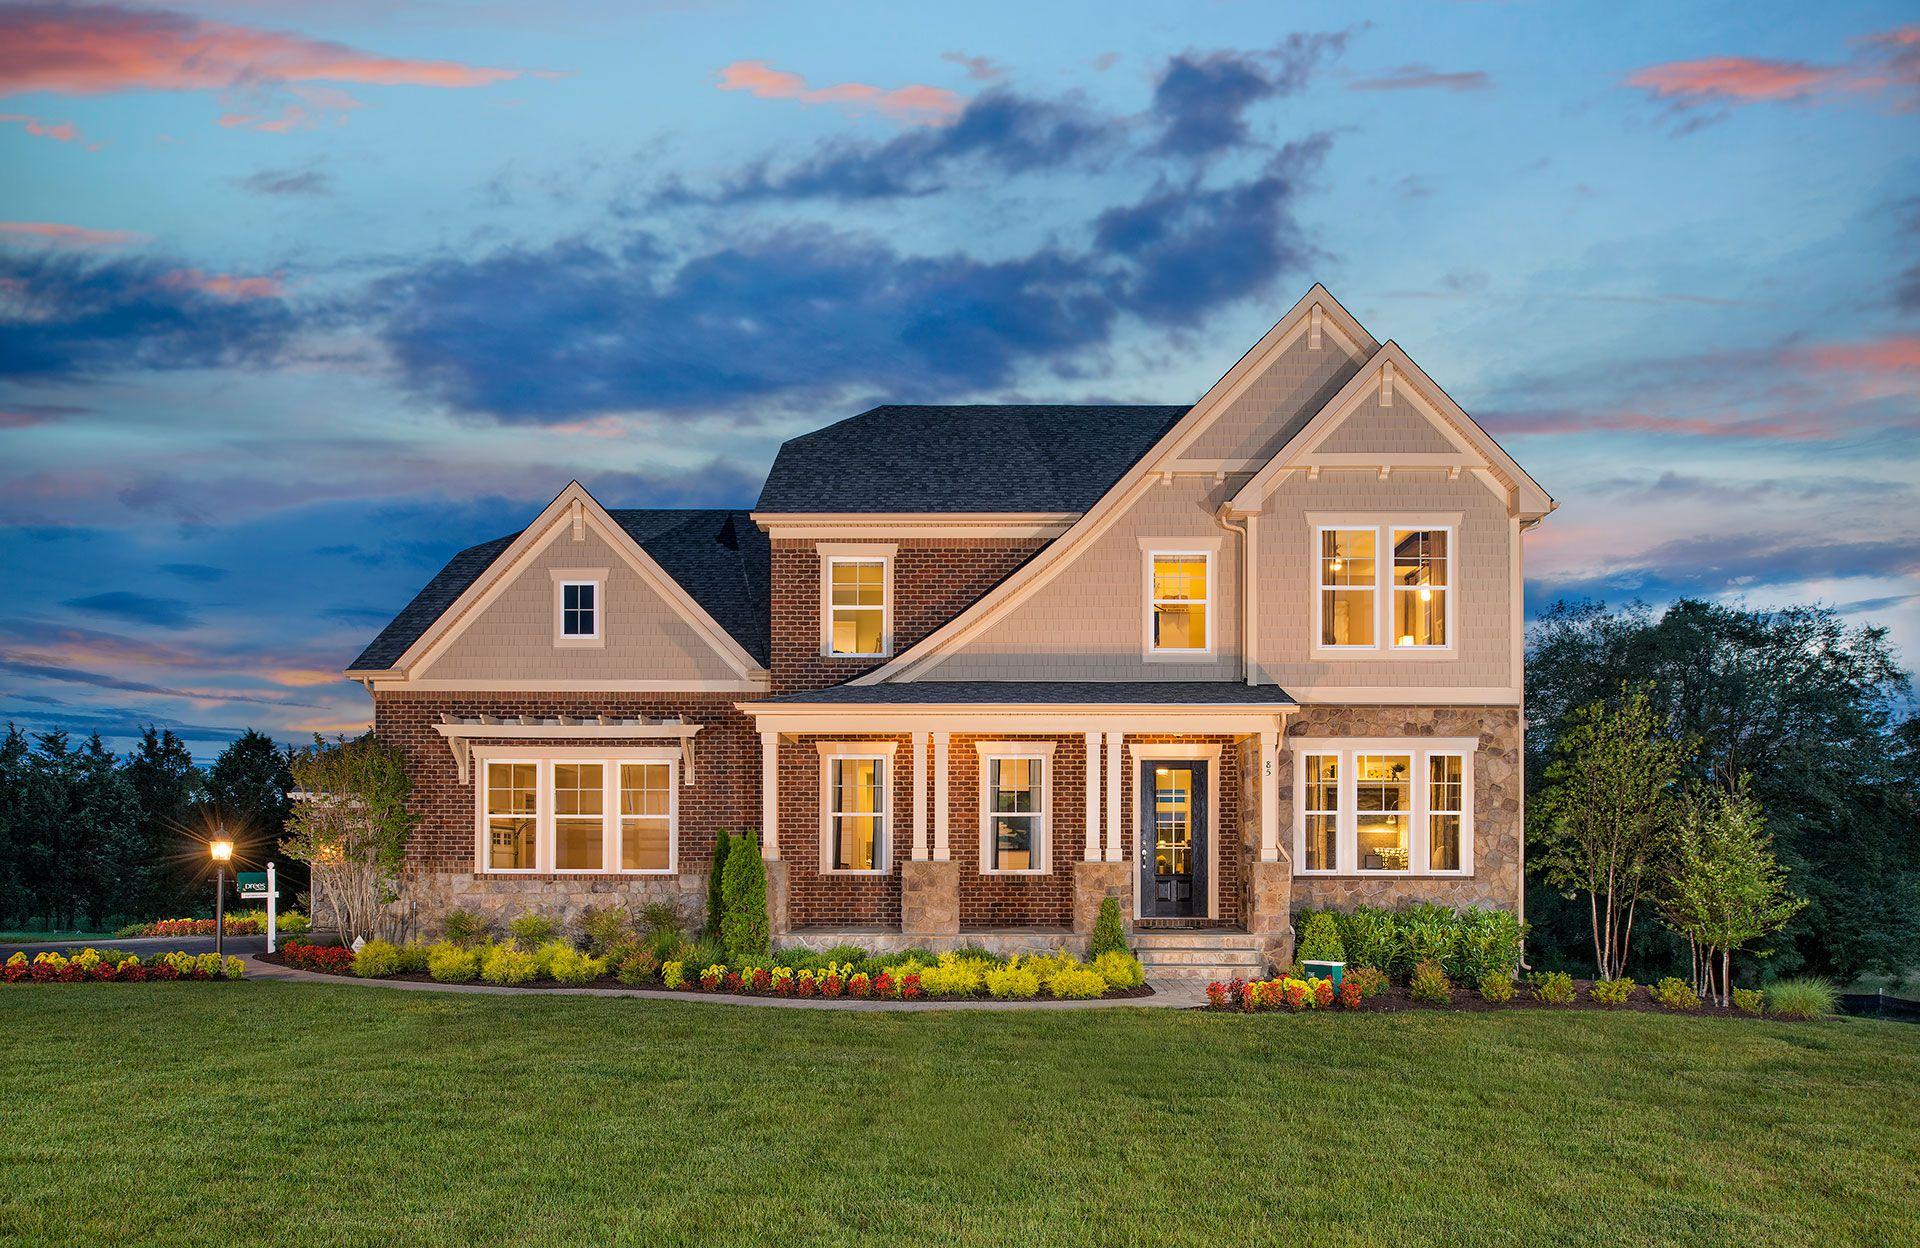 单亲家庭 为 销售 在 Highland Park - Monticello Ravinia Lane Avon, Ohio 44011 United States